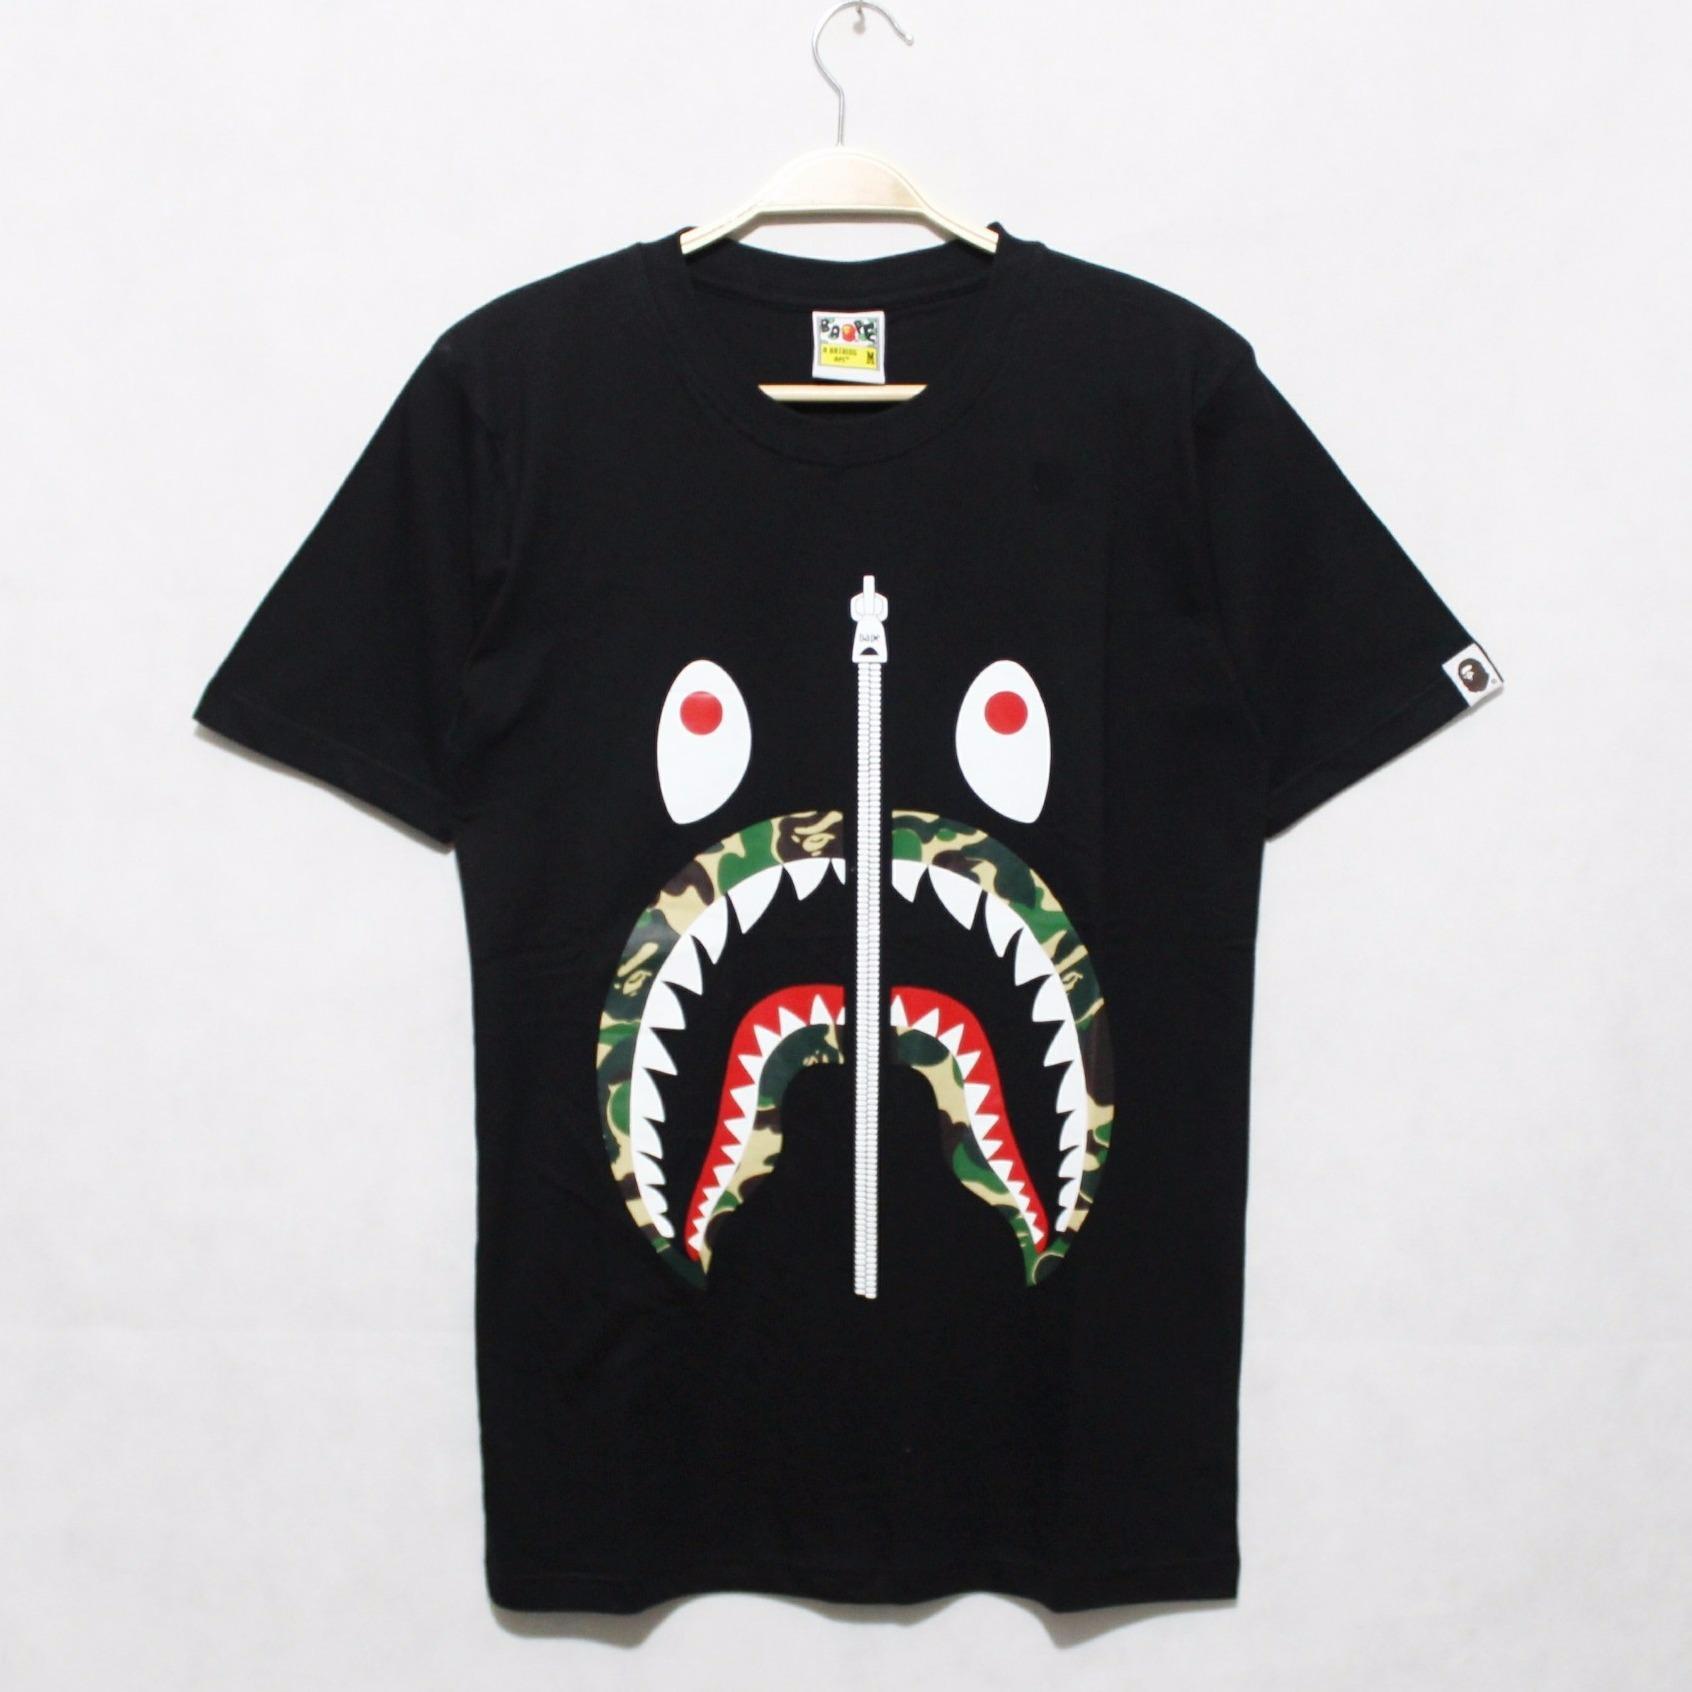 Cek Harga Baru Baju Kaos Raglan Reglan Army Doreng Camo Tentara Loreng Tni Cowok Gym Fitness Soaxcloth T Shirt Bape Shark Black Premium